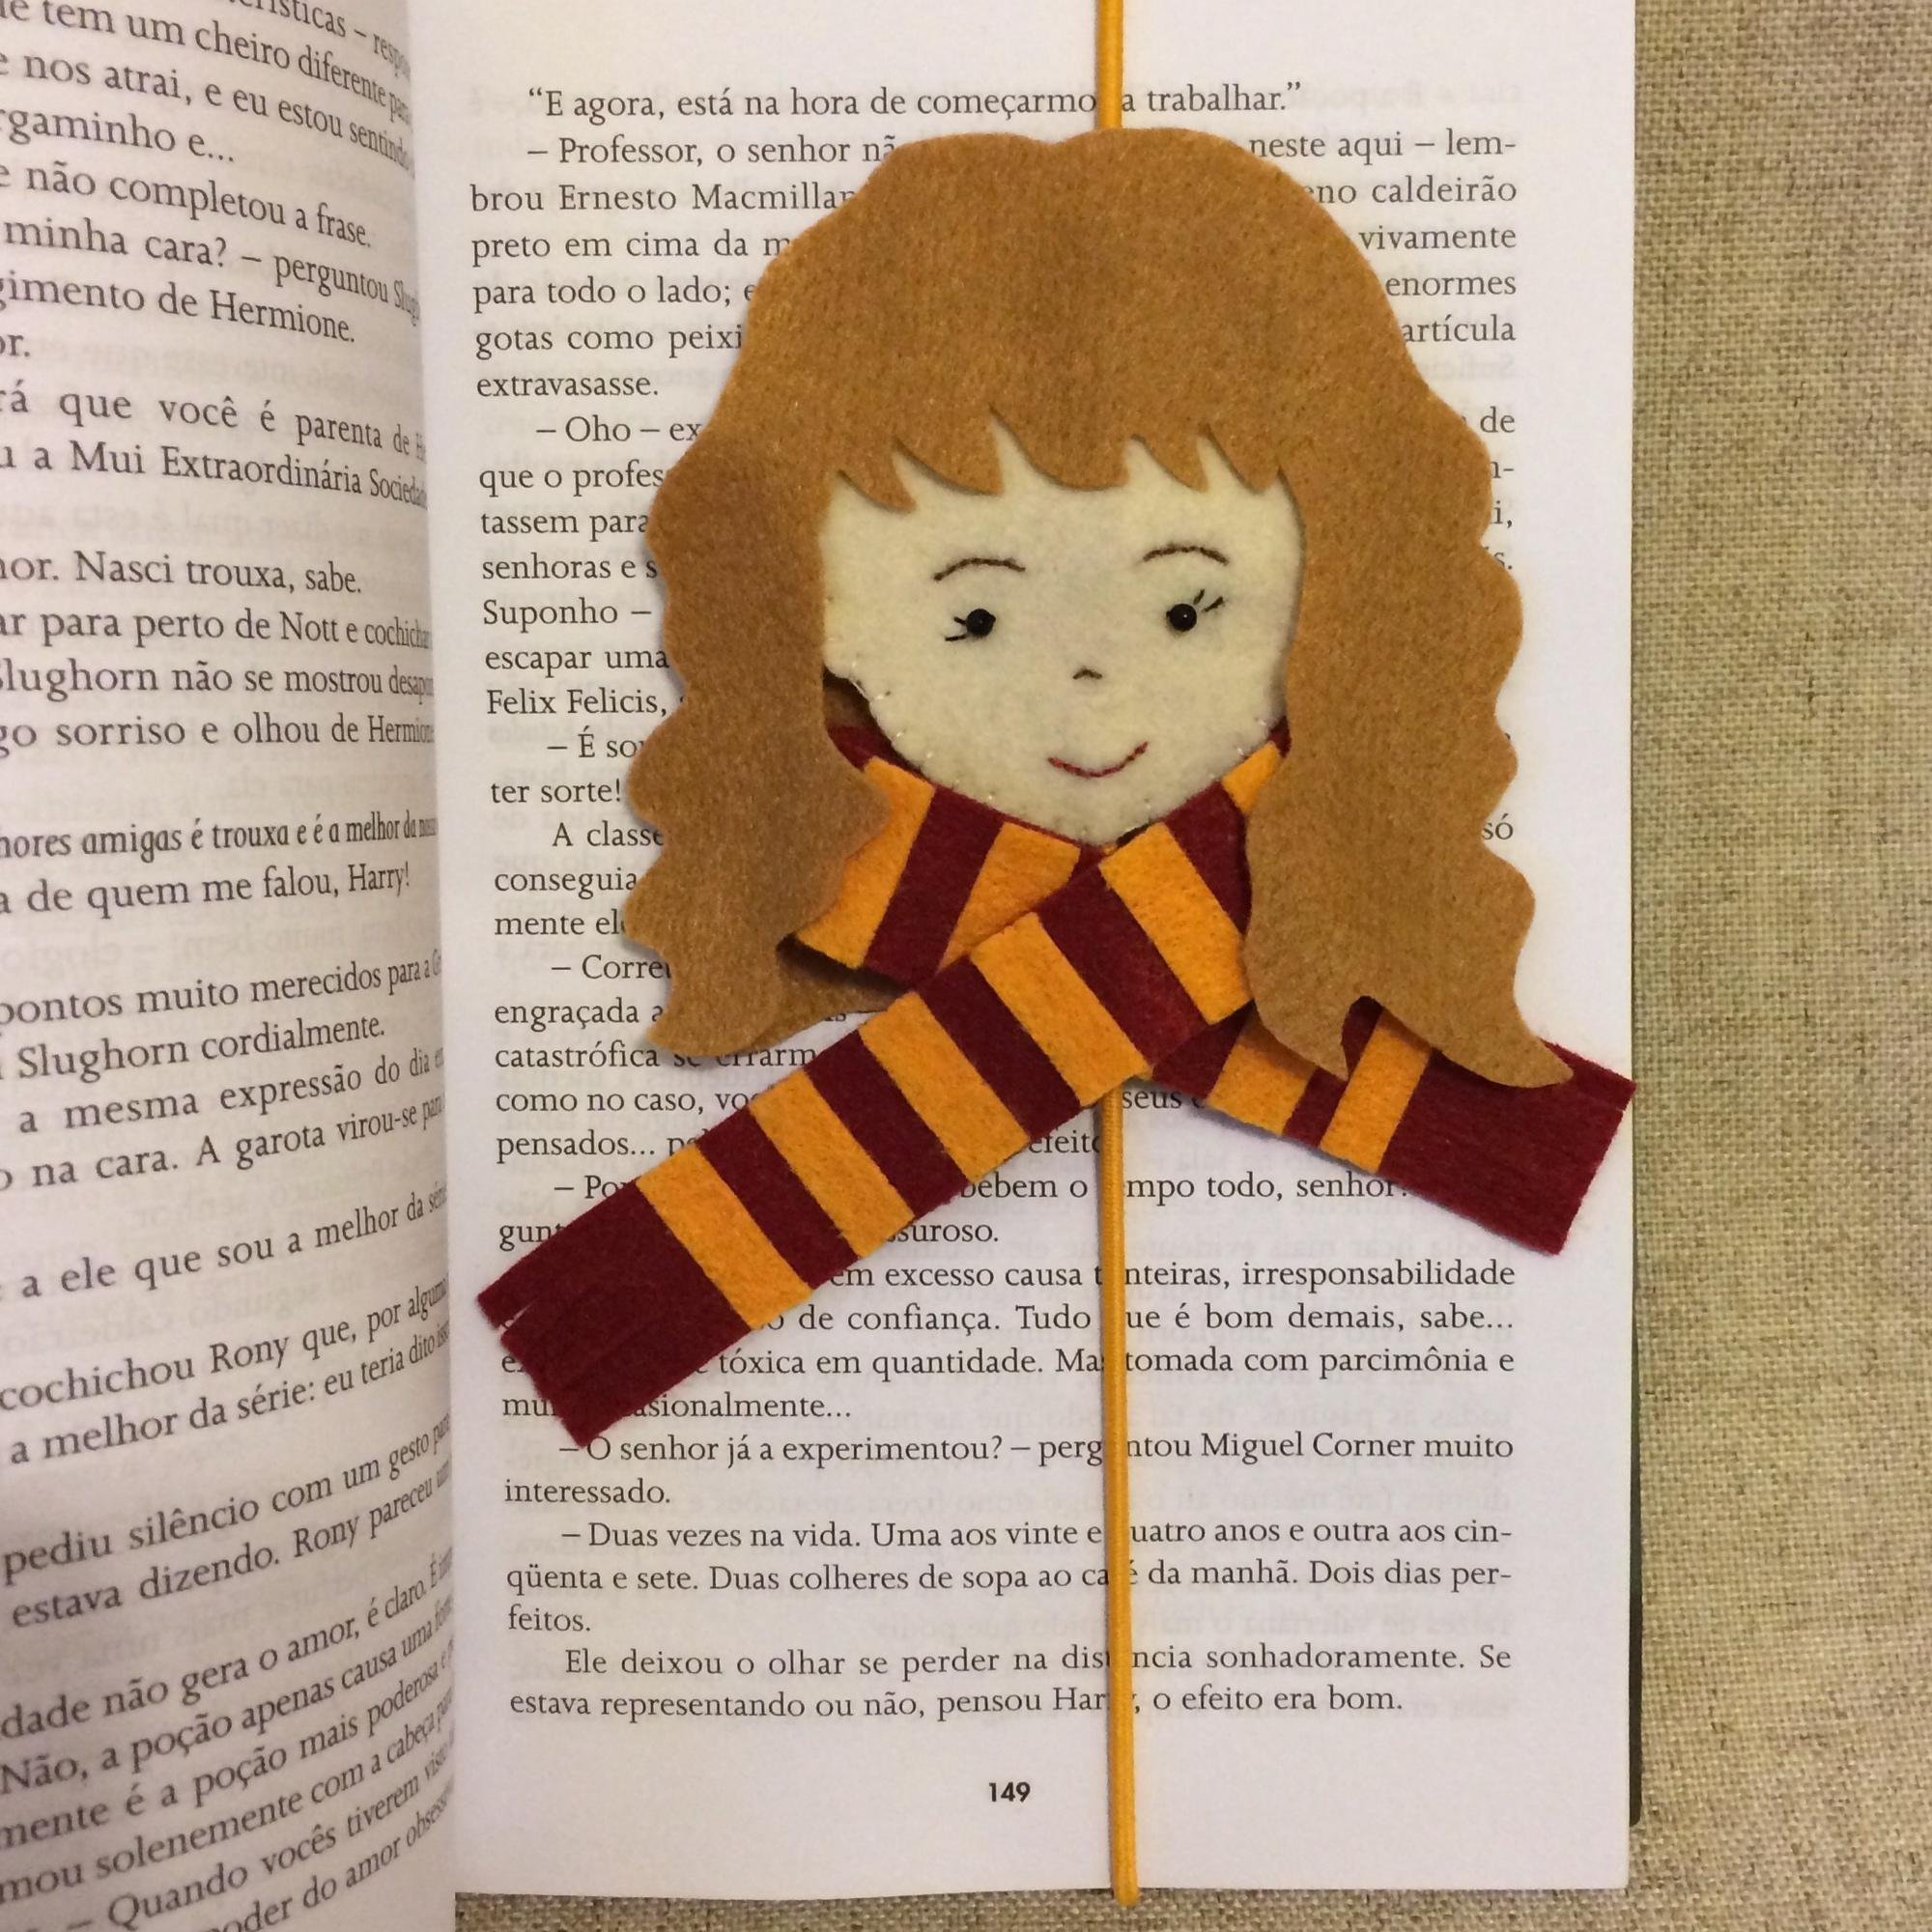 Hermione Harry Potter Marcador No Elo7 Atelie Priscilla Boffo